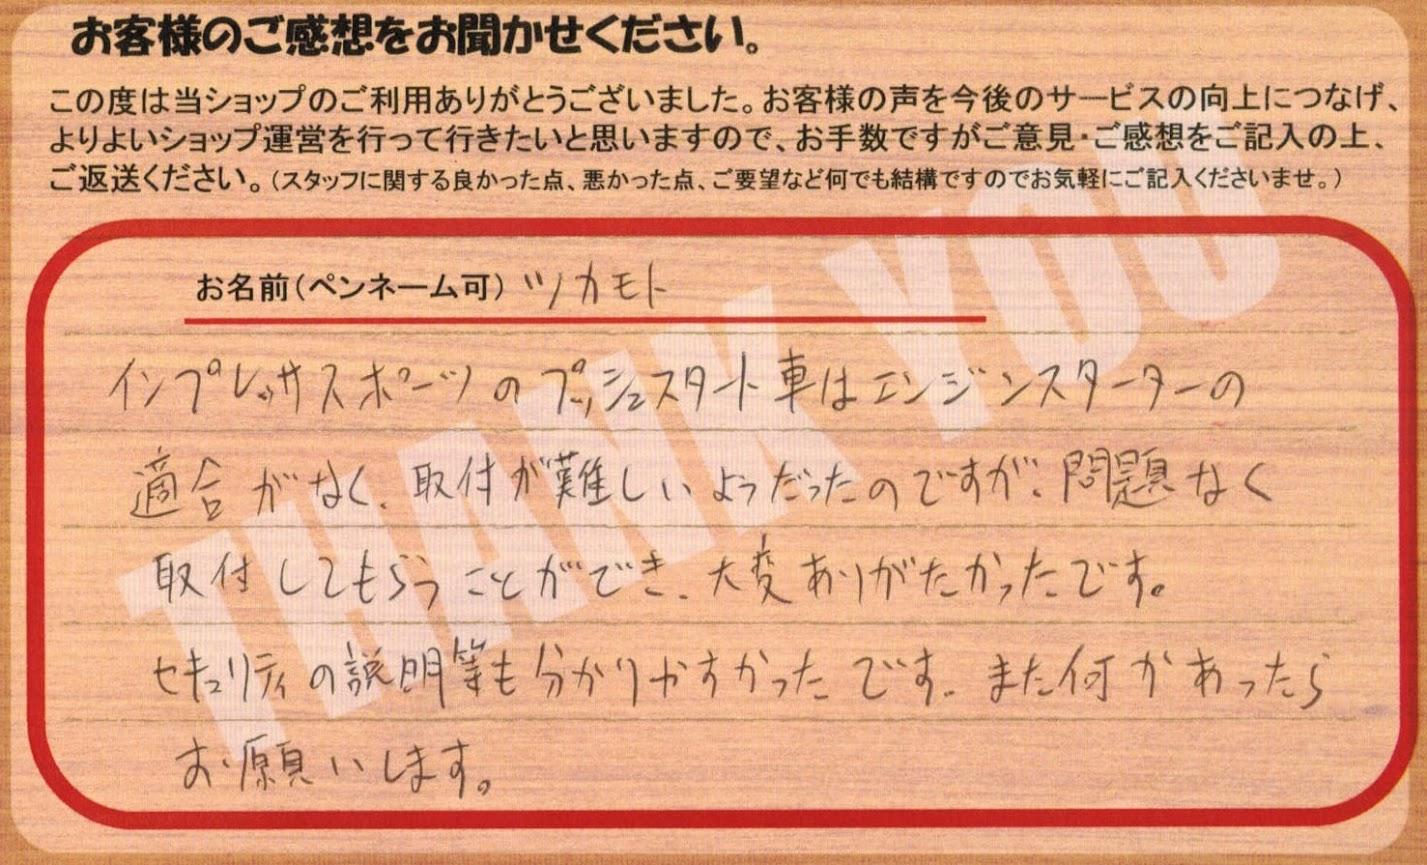 ビーパックスへのクチコミ/お客様の声:ツカモト 様(茨城県つくば市)/スバル インプレッサスポーツ